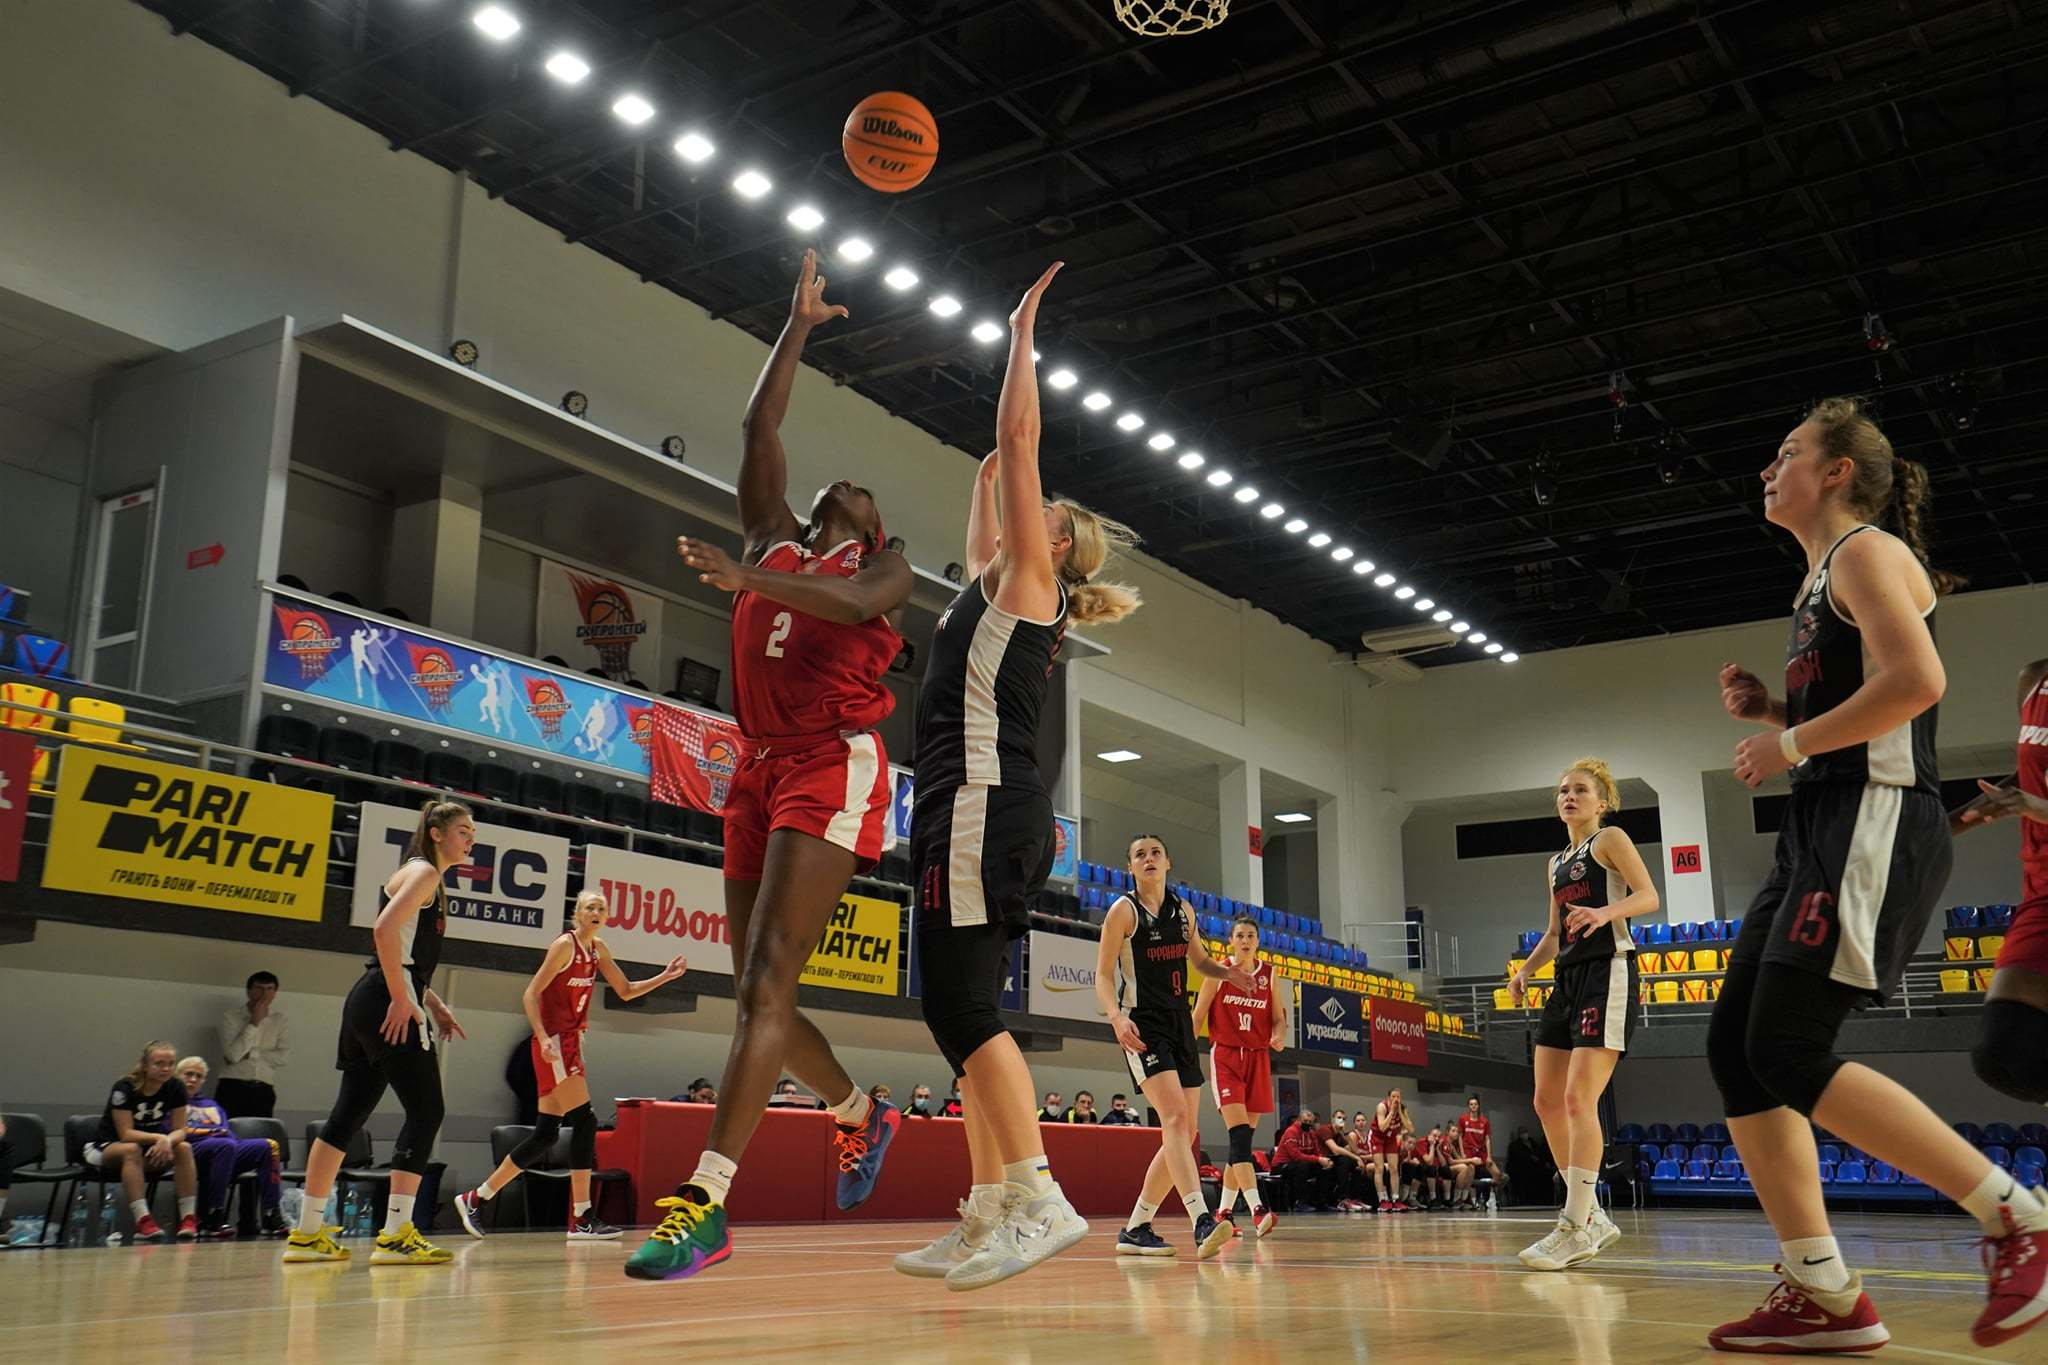 Жіночі Прометей та Київ-Баскет впевнено закрили 8-й тур: результати матчів жіночої Суперліги 10 січня